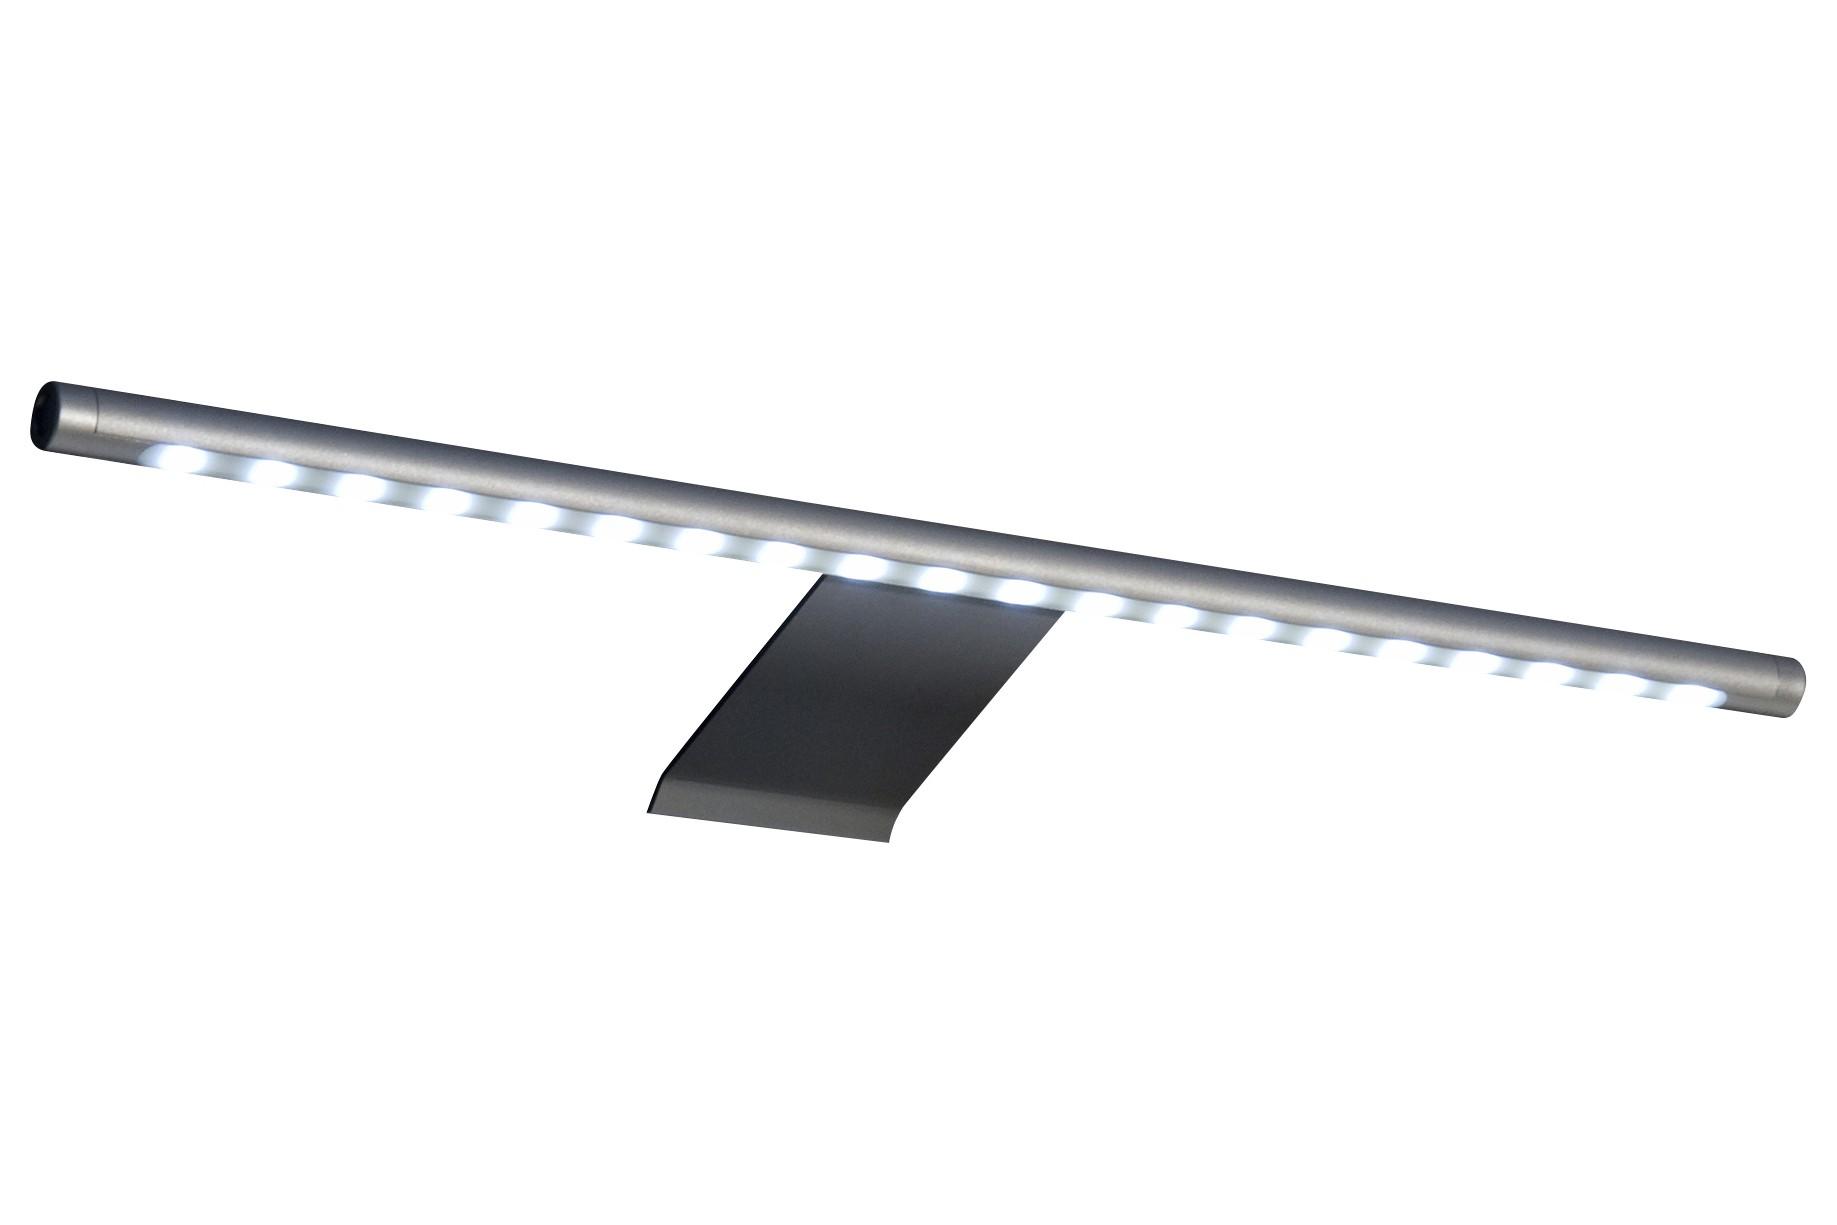 led schrank beleuchtung interessante ideen f r die gestaltung eines raumes in. Black Bedroom Furniture Sets. Home Design Ideas